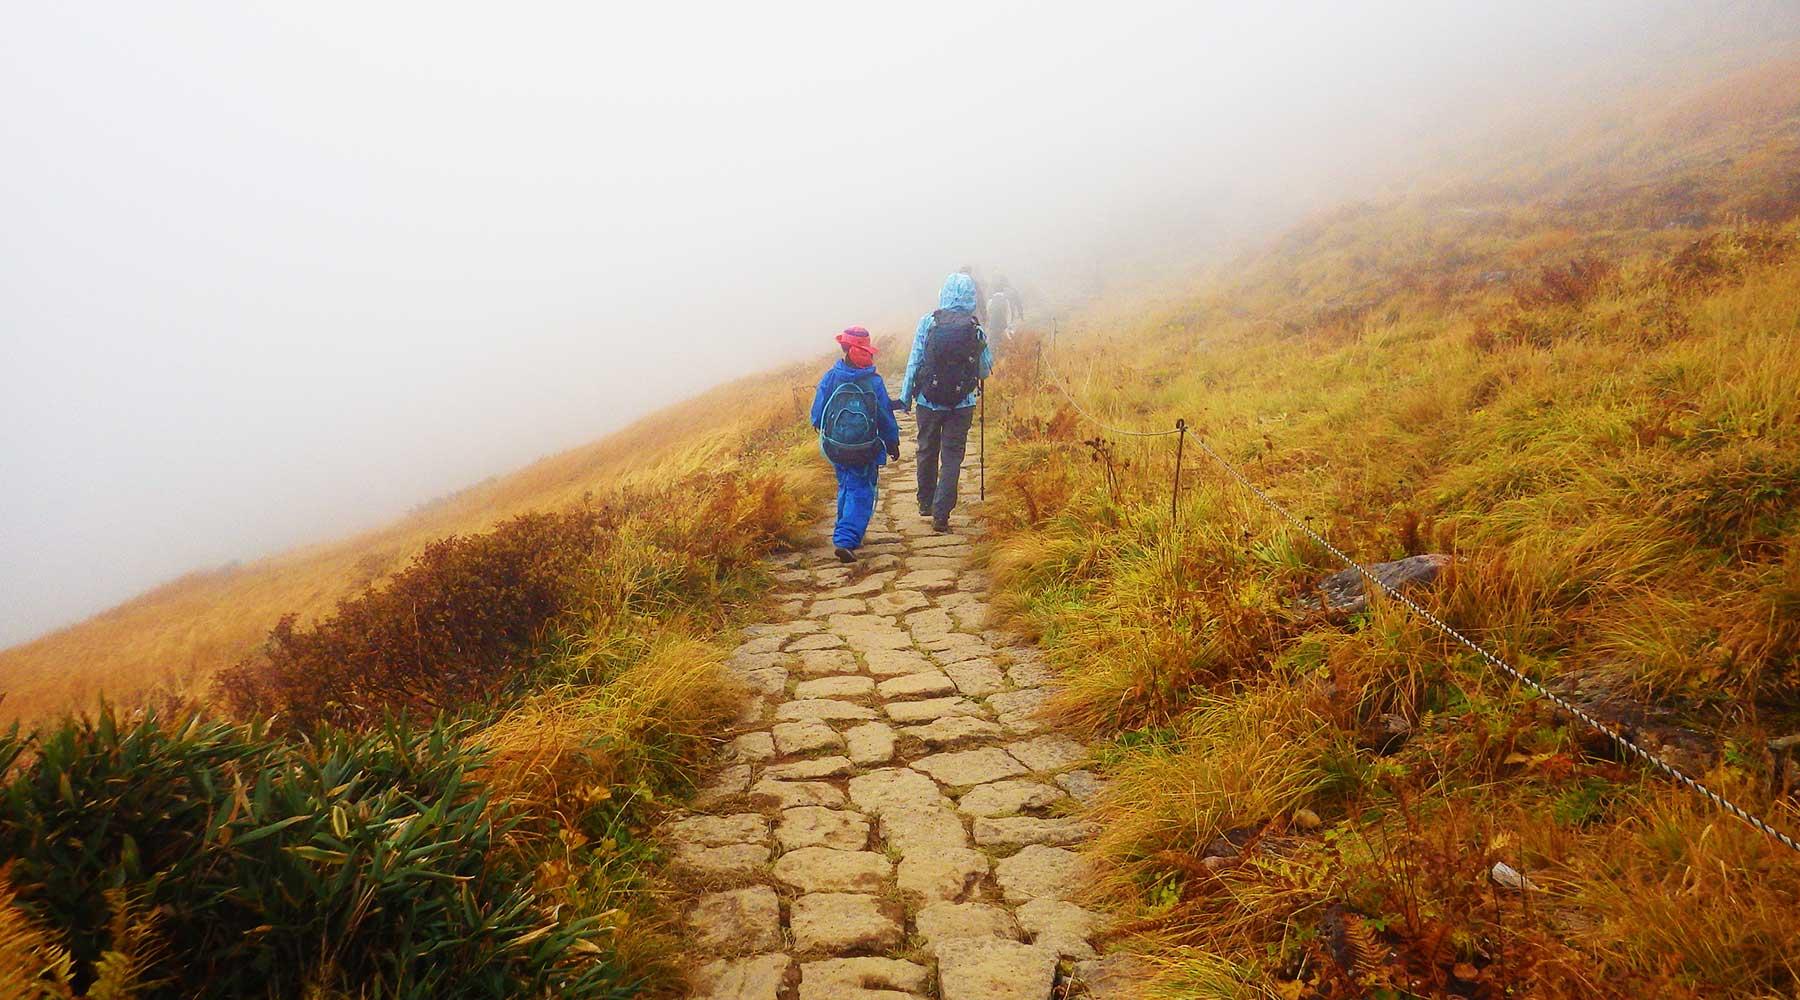 月山・石畳の登山道